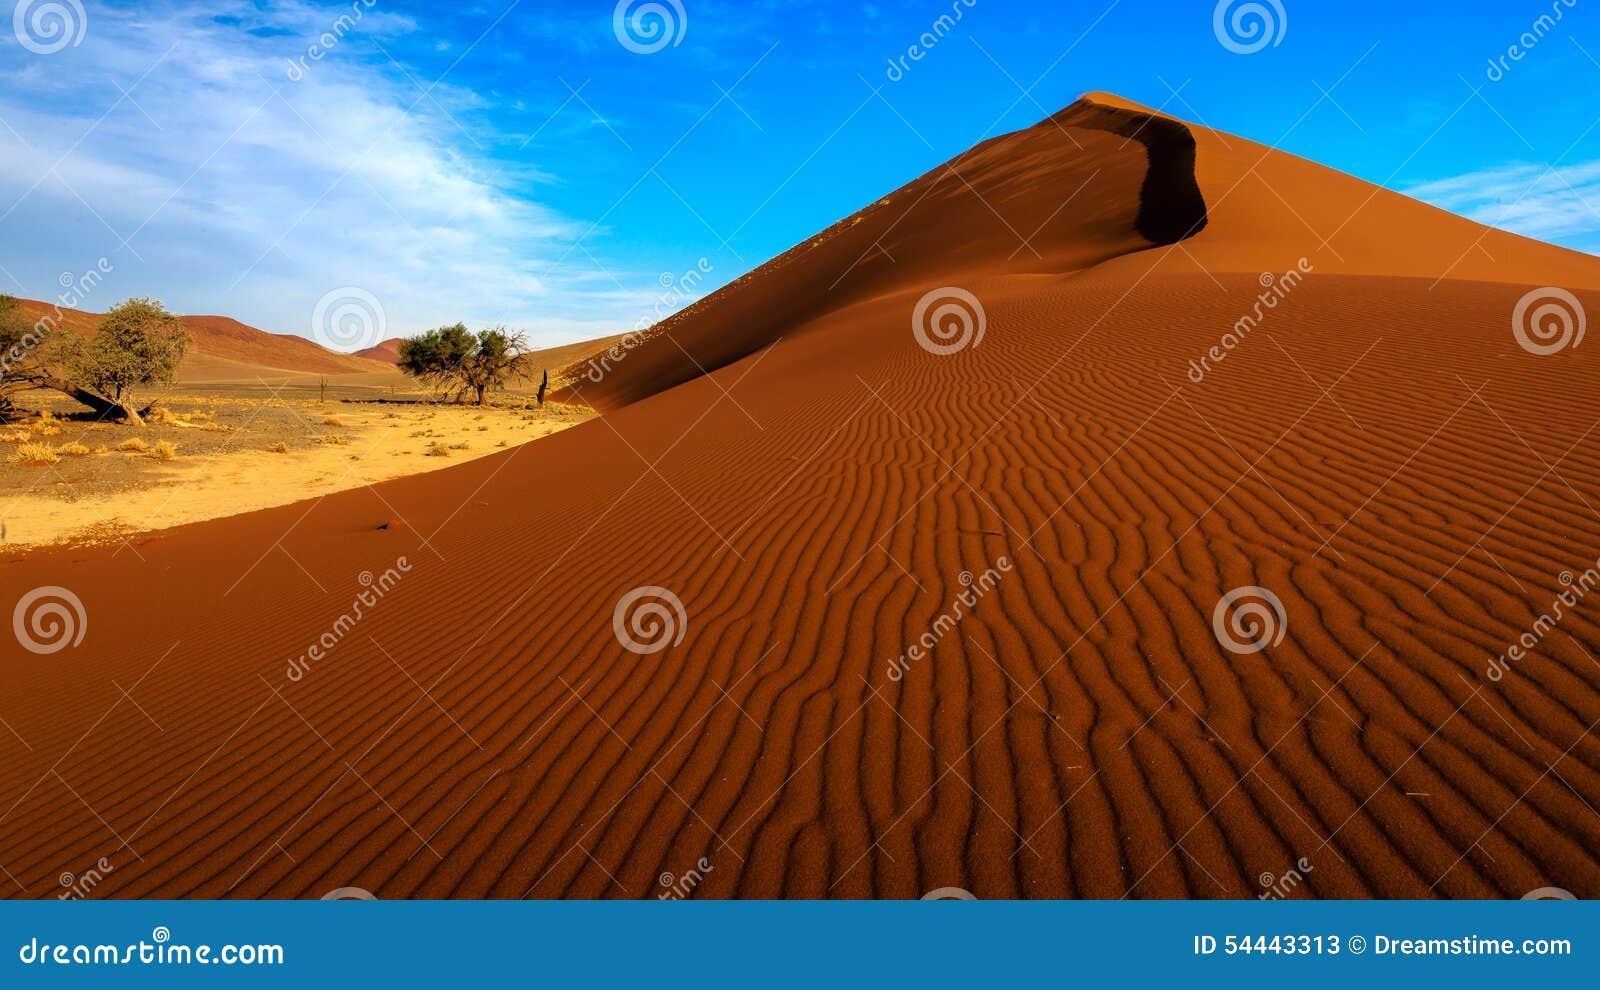 Dune 45 Sossusvlei Namibia Stock Image Image Of Desert